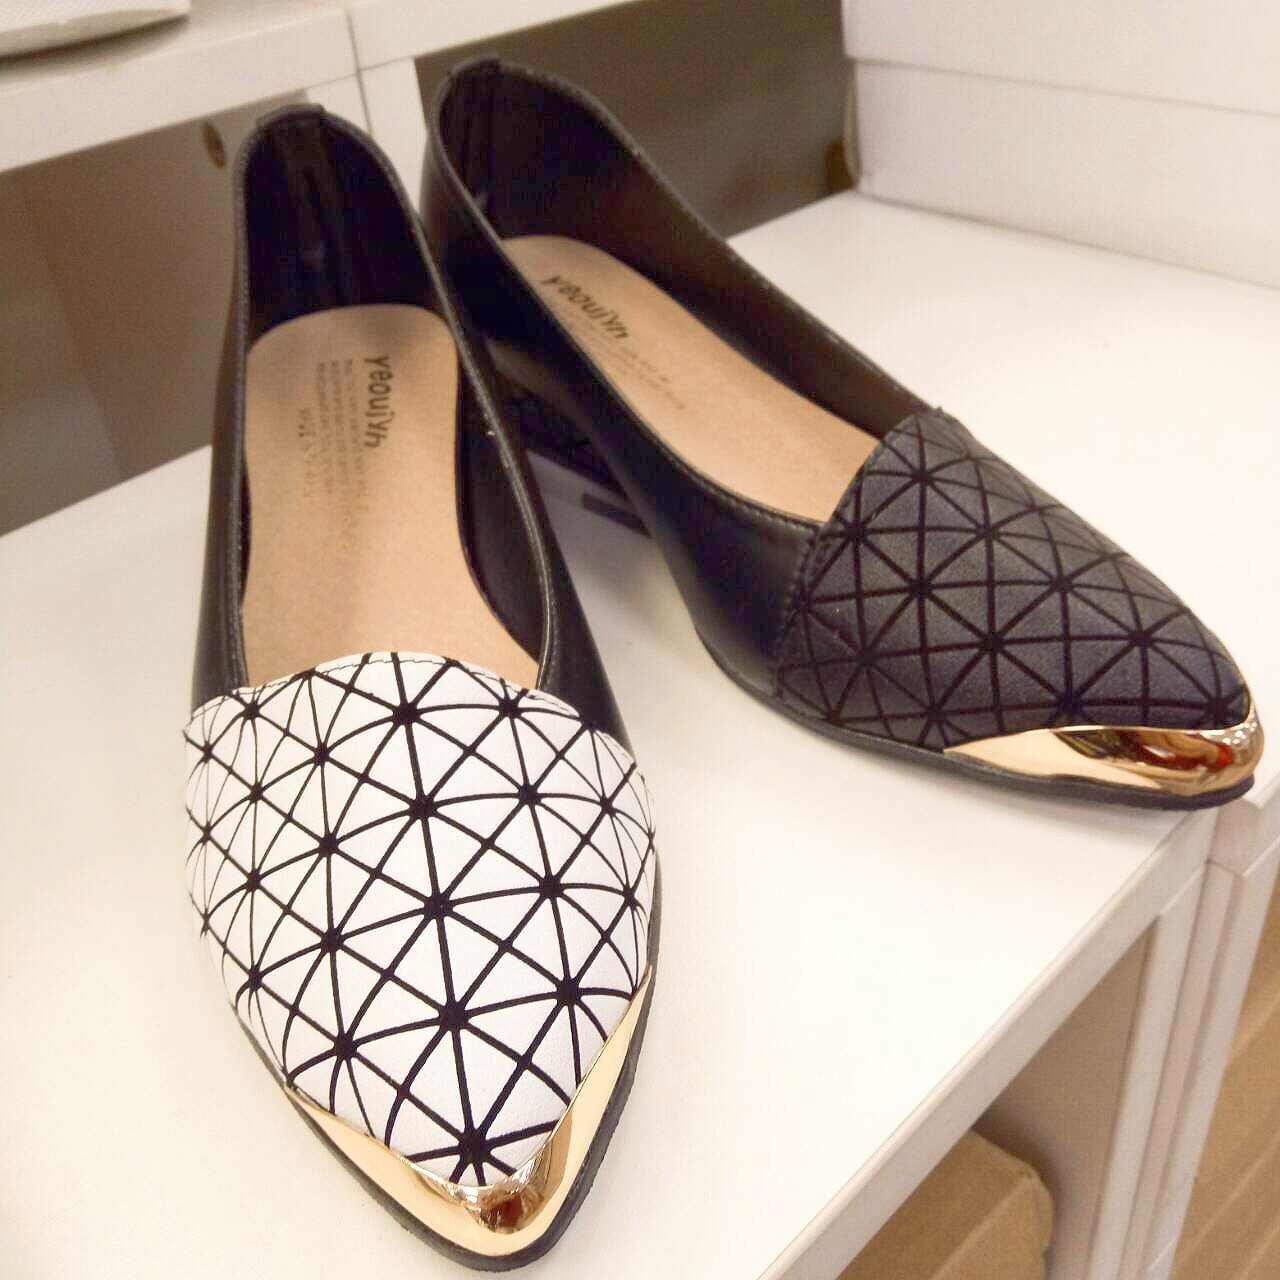 【免運】韓版幾何圖形金屬尖頭微跟坡鞋 (2色) X RUNWAY FASHION ICON